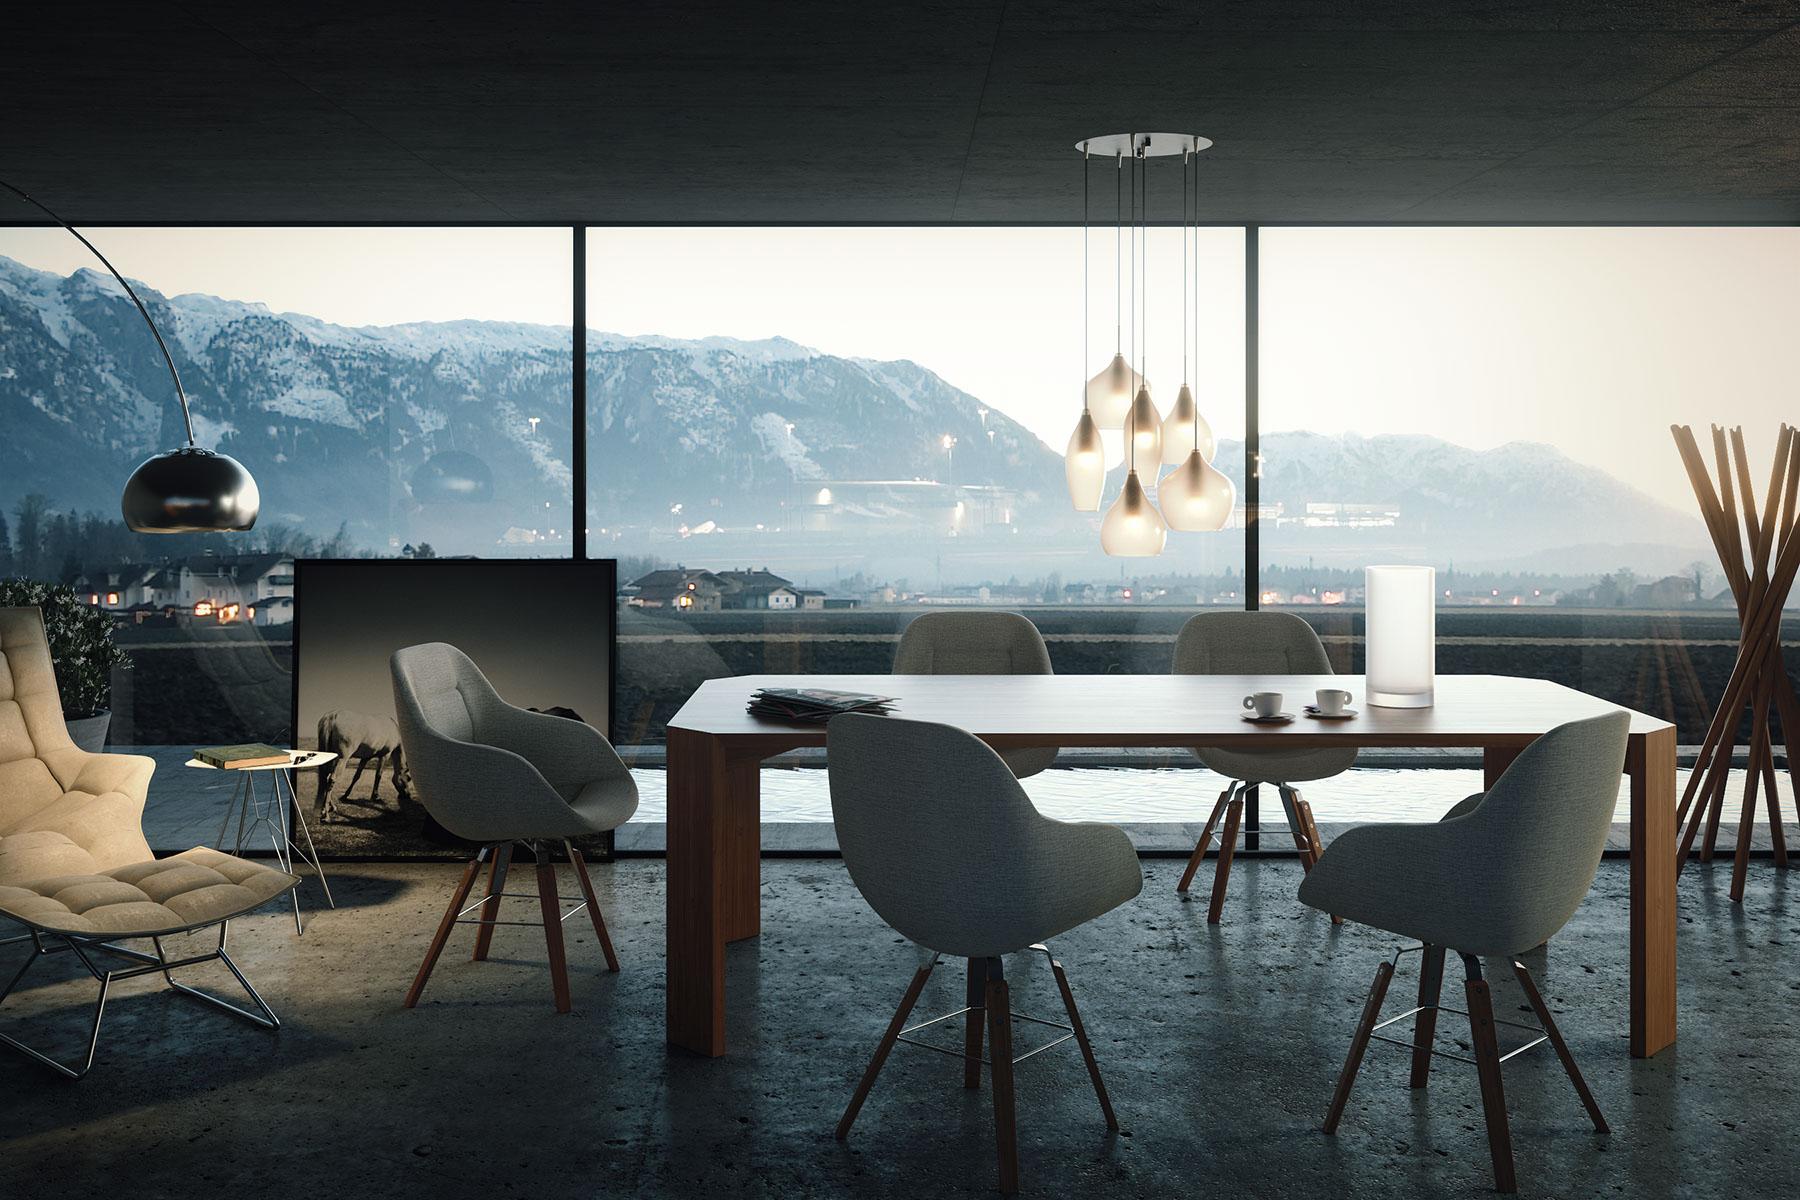 STUDIO 12 Architekturvisualisierung 3D Visualisierung Verkauf Innenraumstudie_Blau.jpg